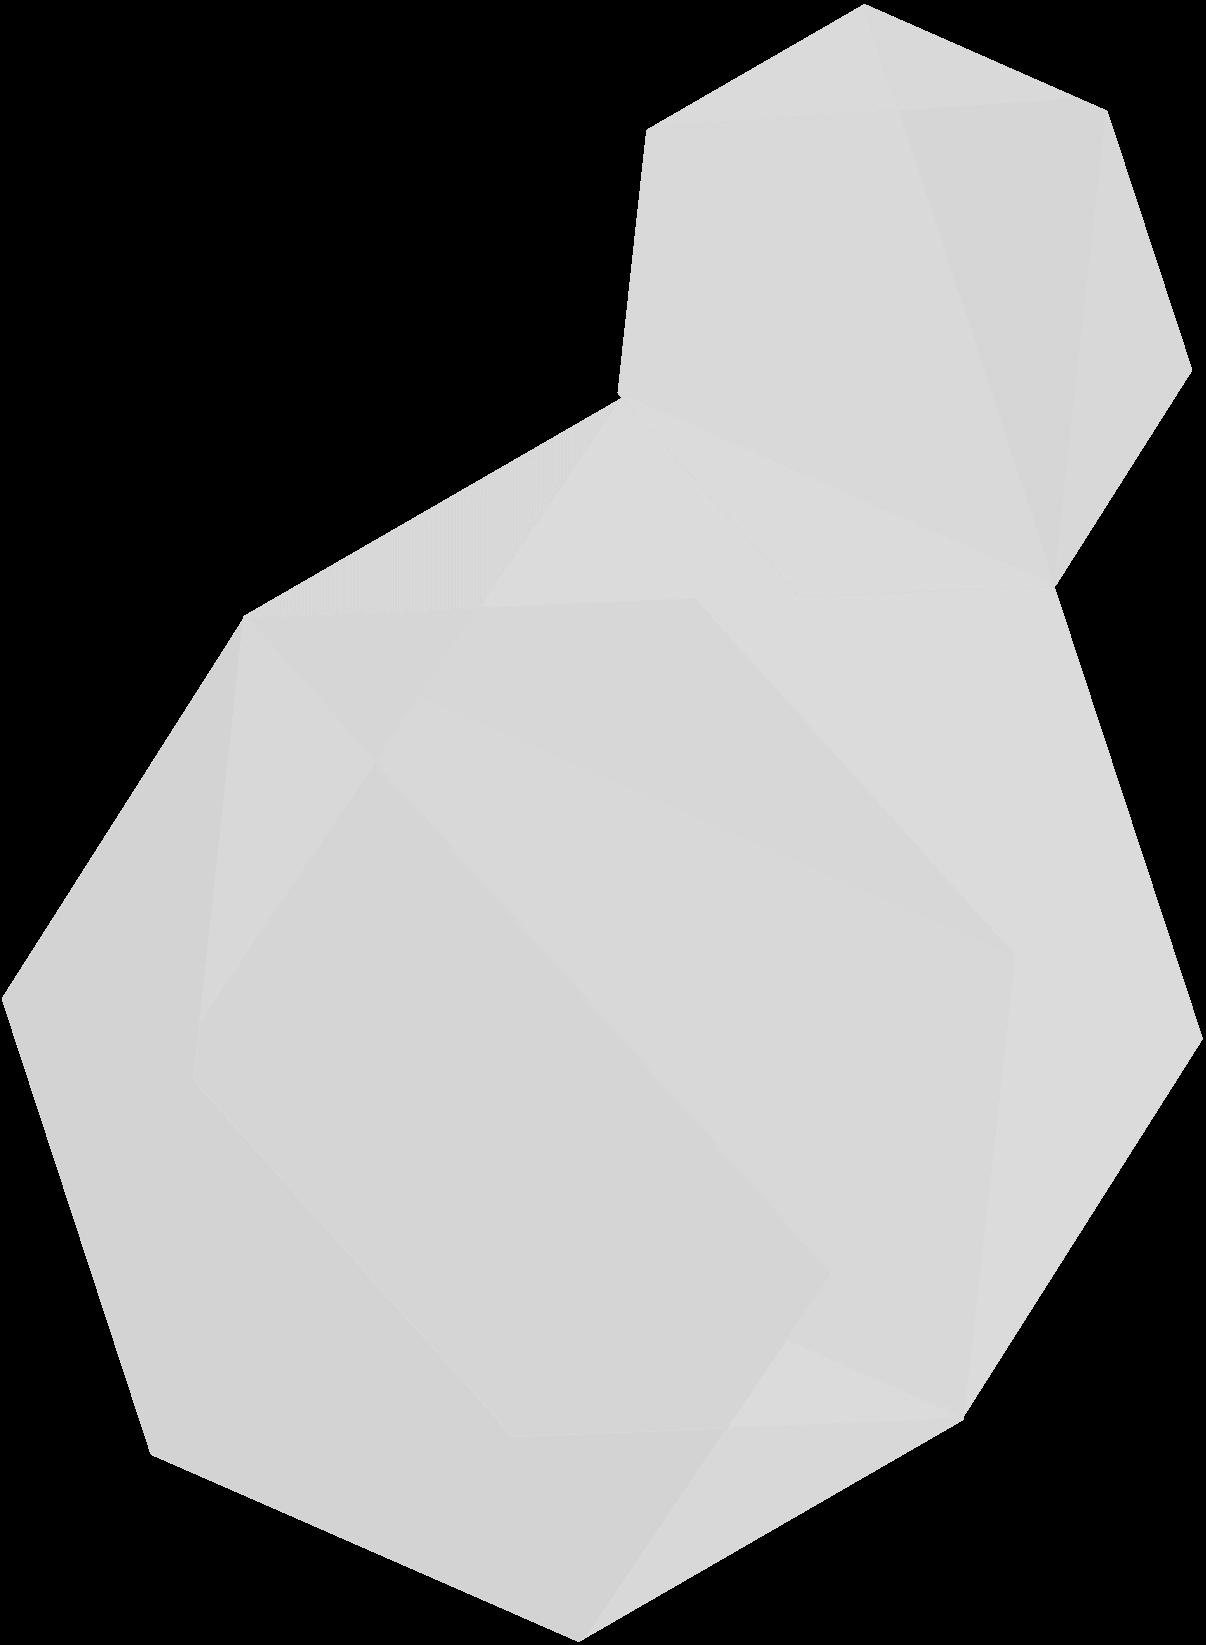 Hep_03